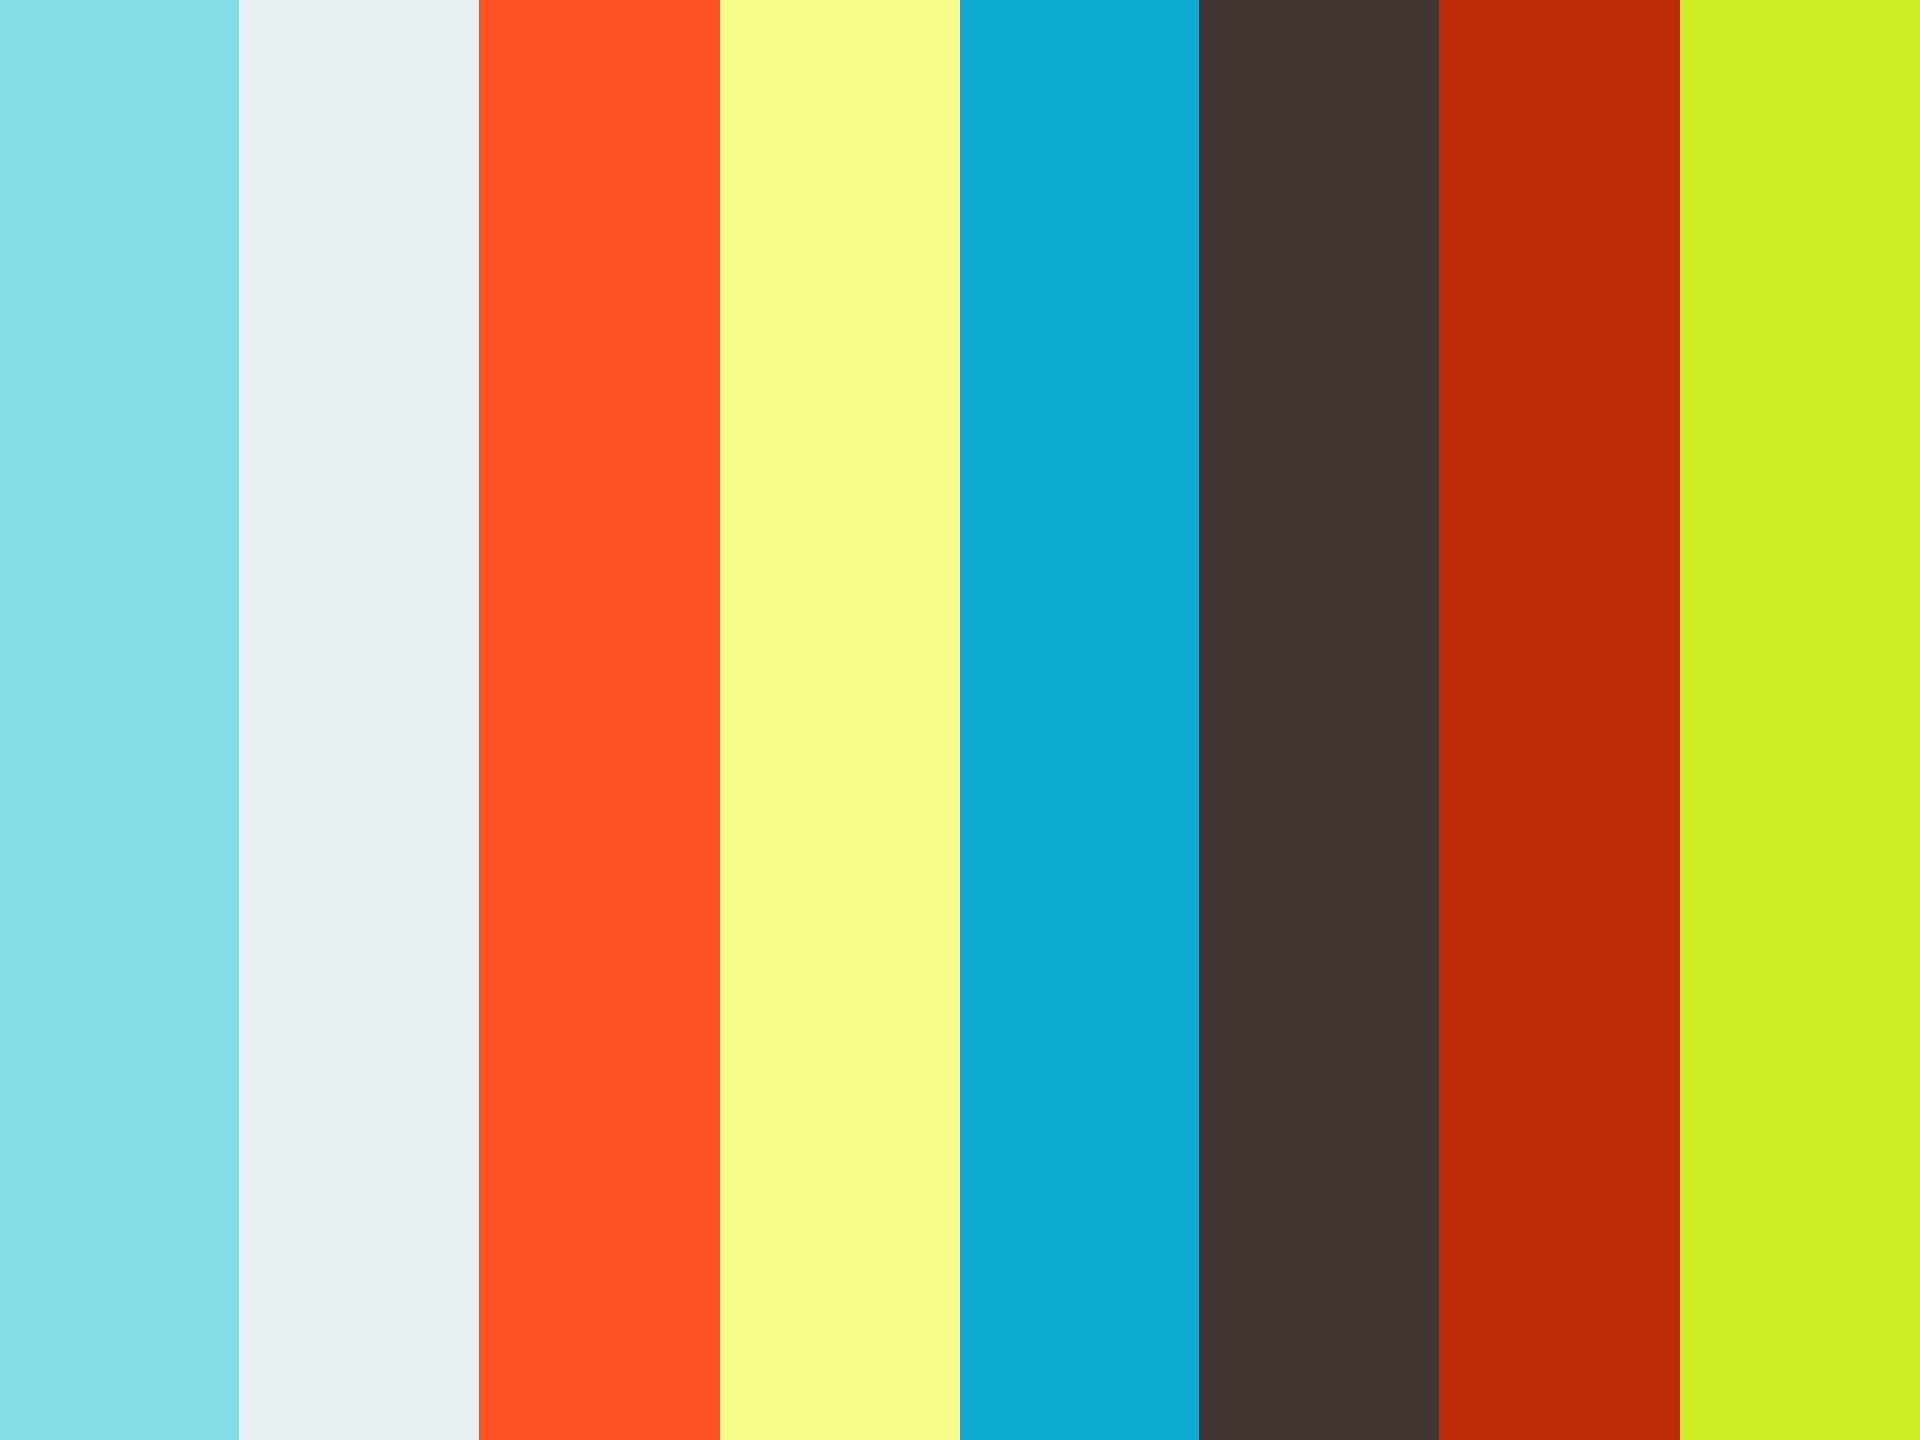 Site De Rencontre Plan Cul Ado Gay